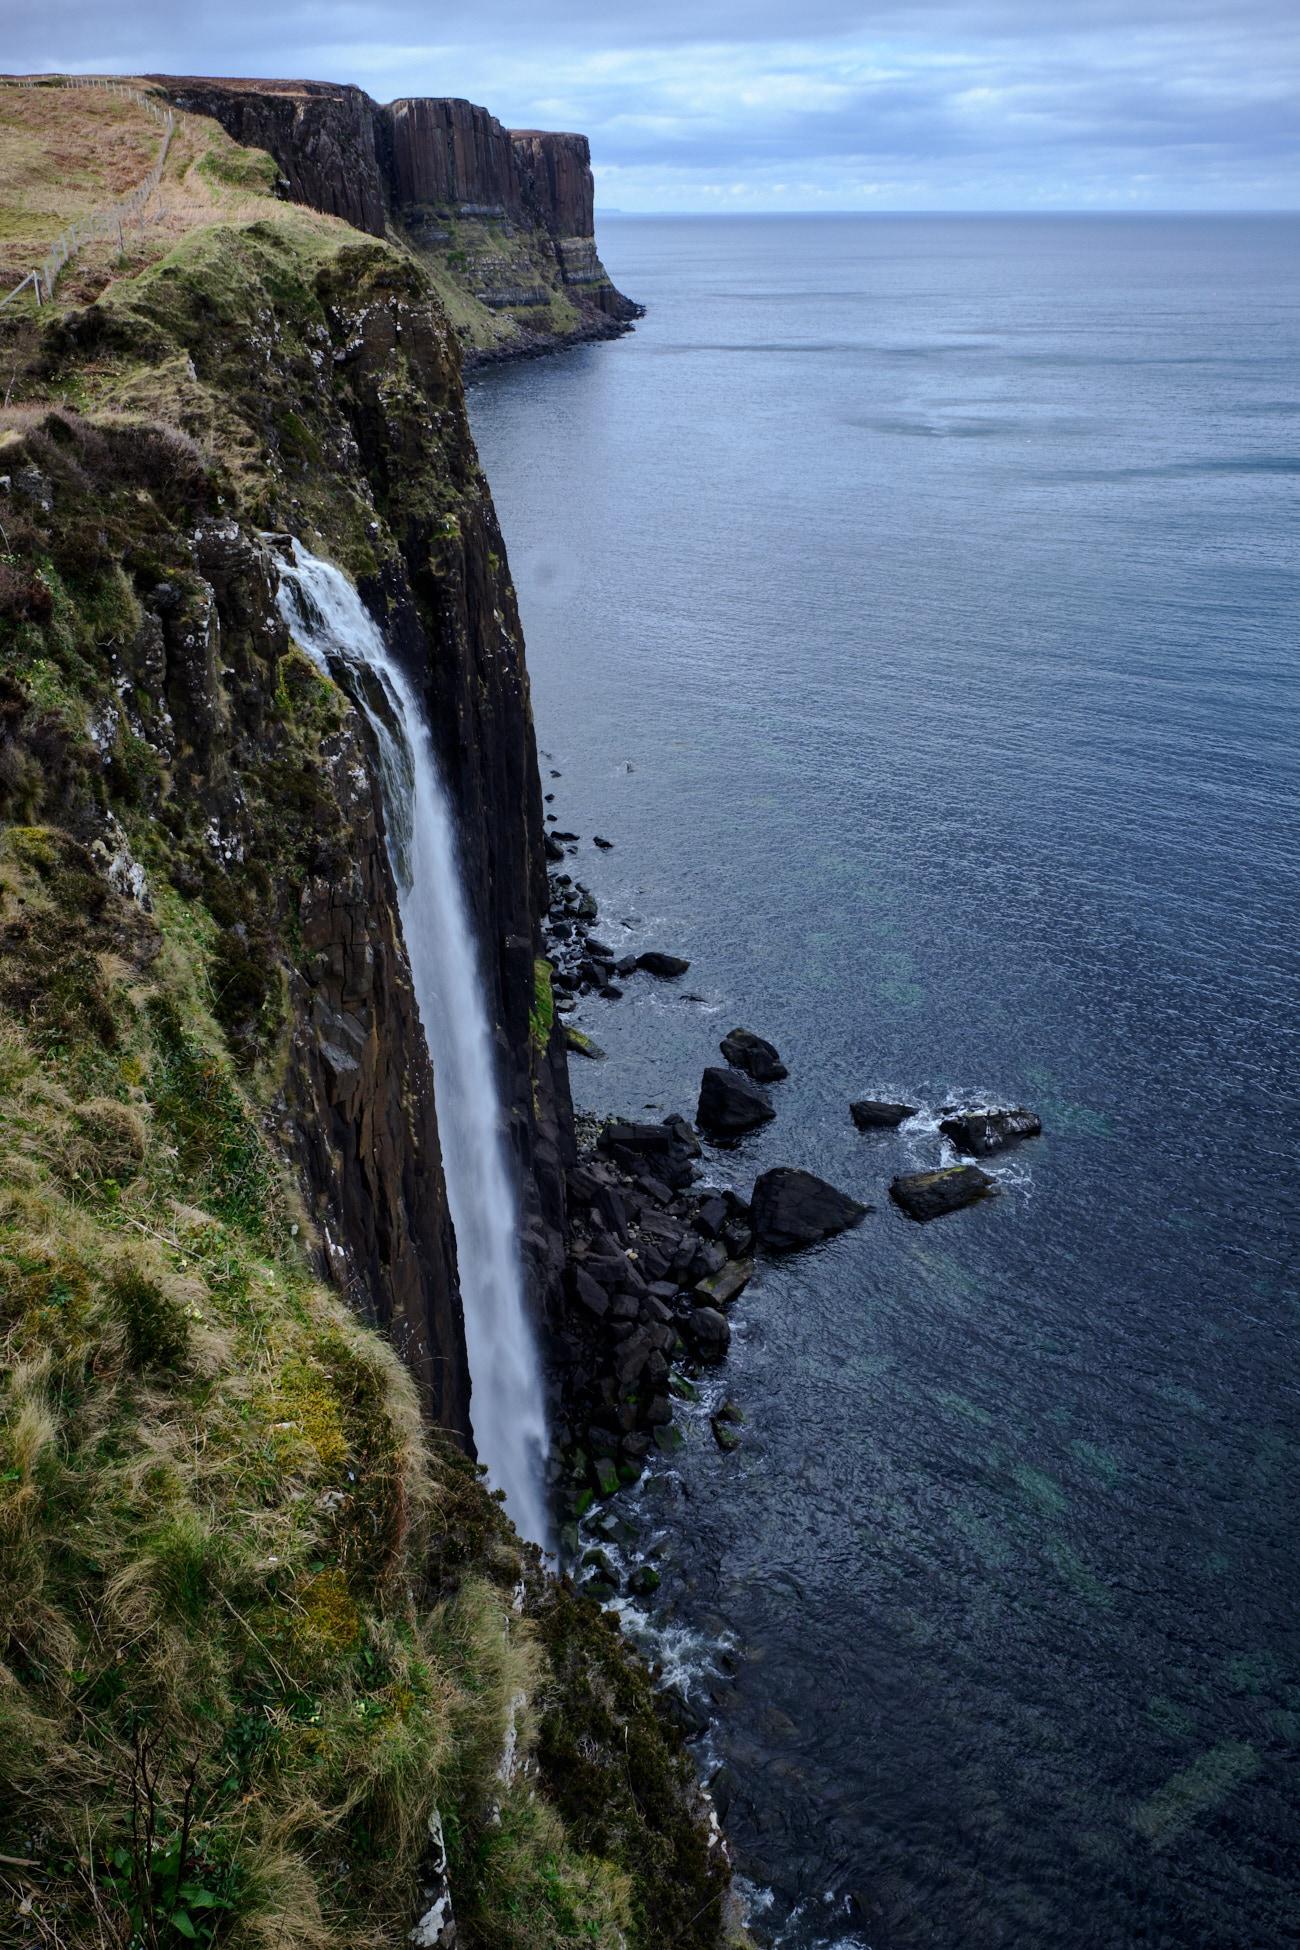 Road trip Ecosse : Chute d'eau de Kilt Rock - Ecosse